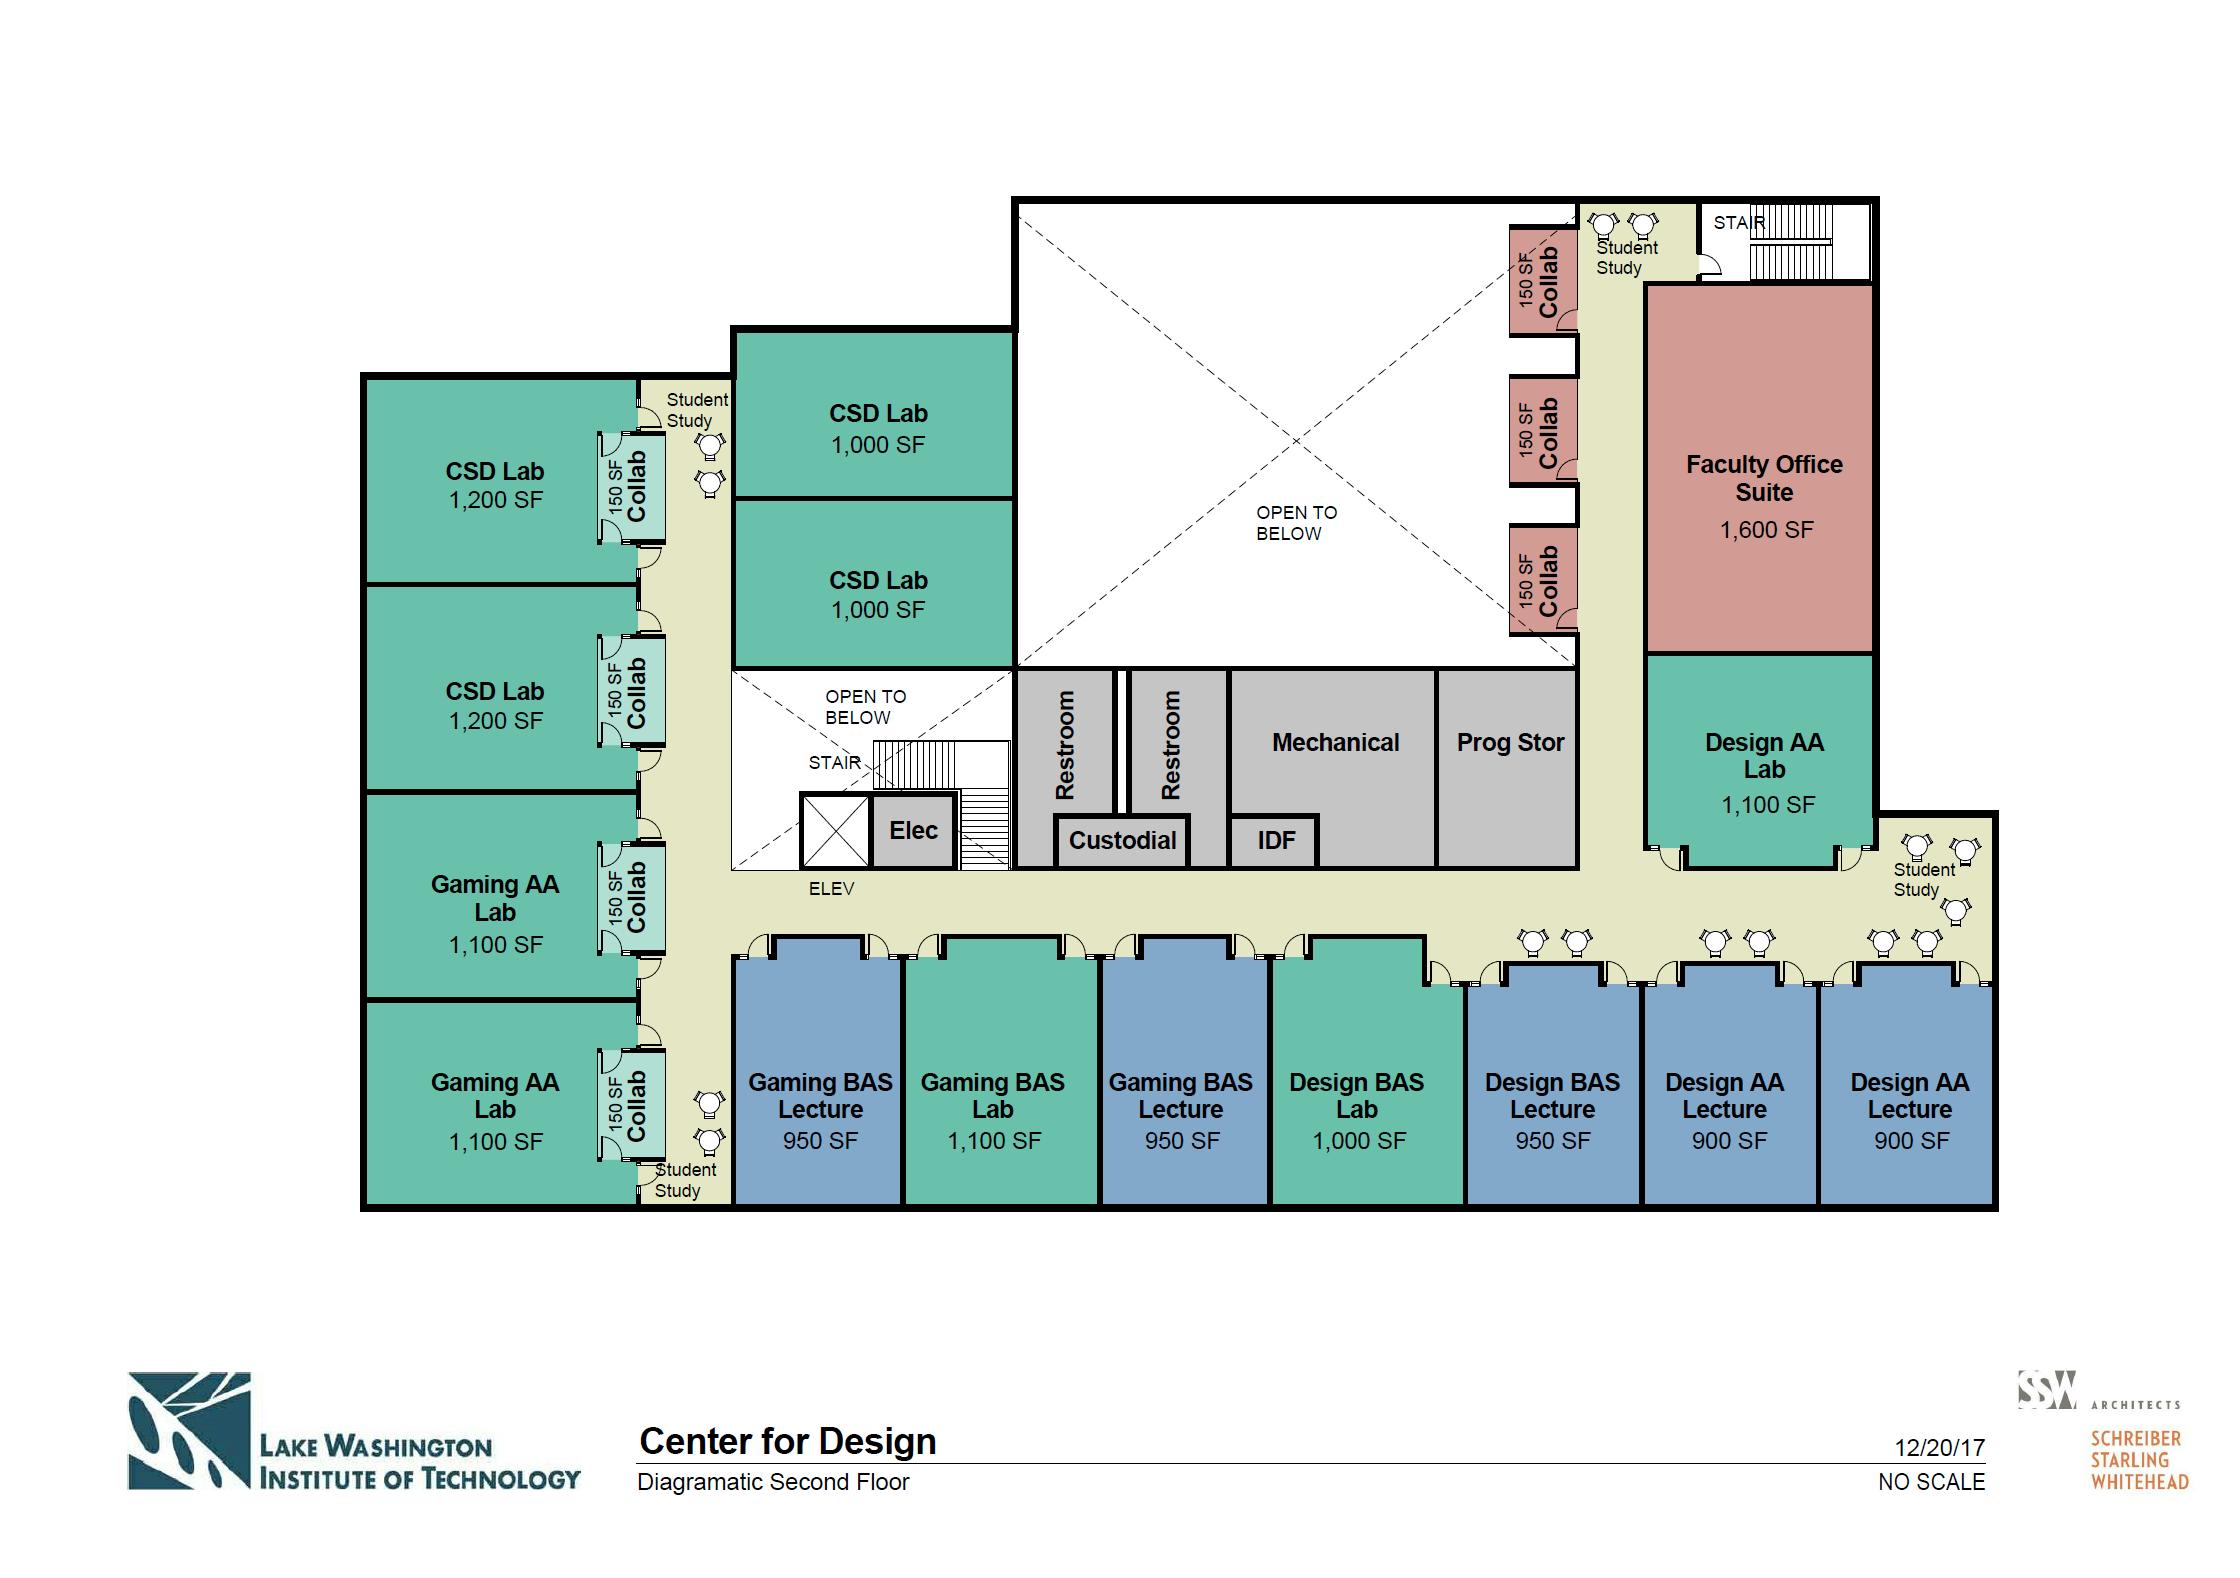 Center for Design Second Floor Diagram